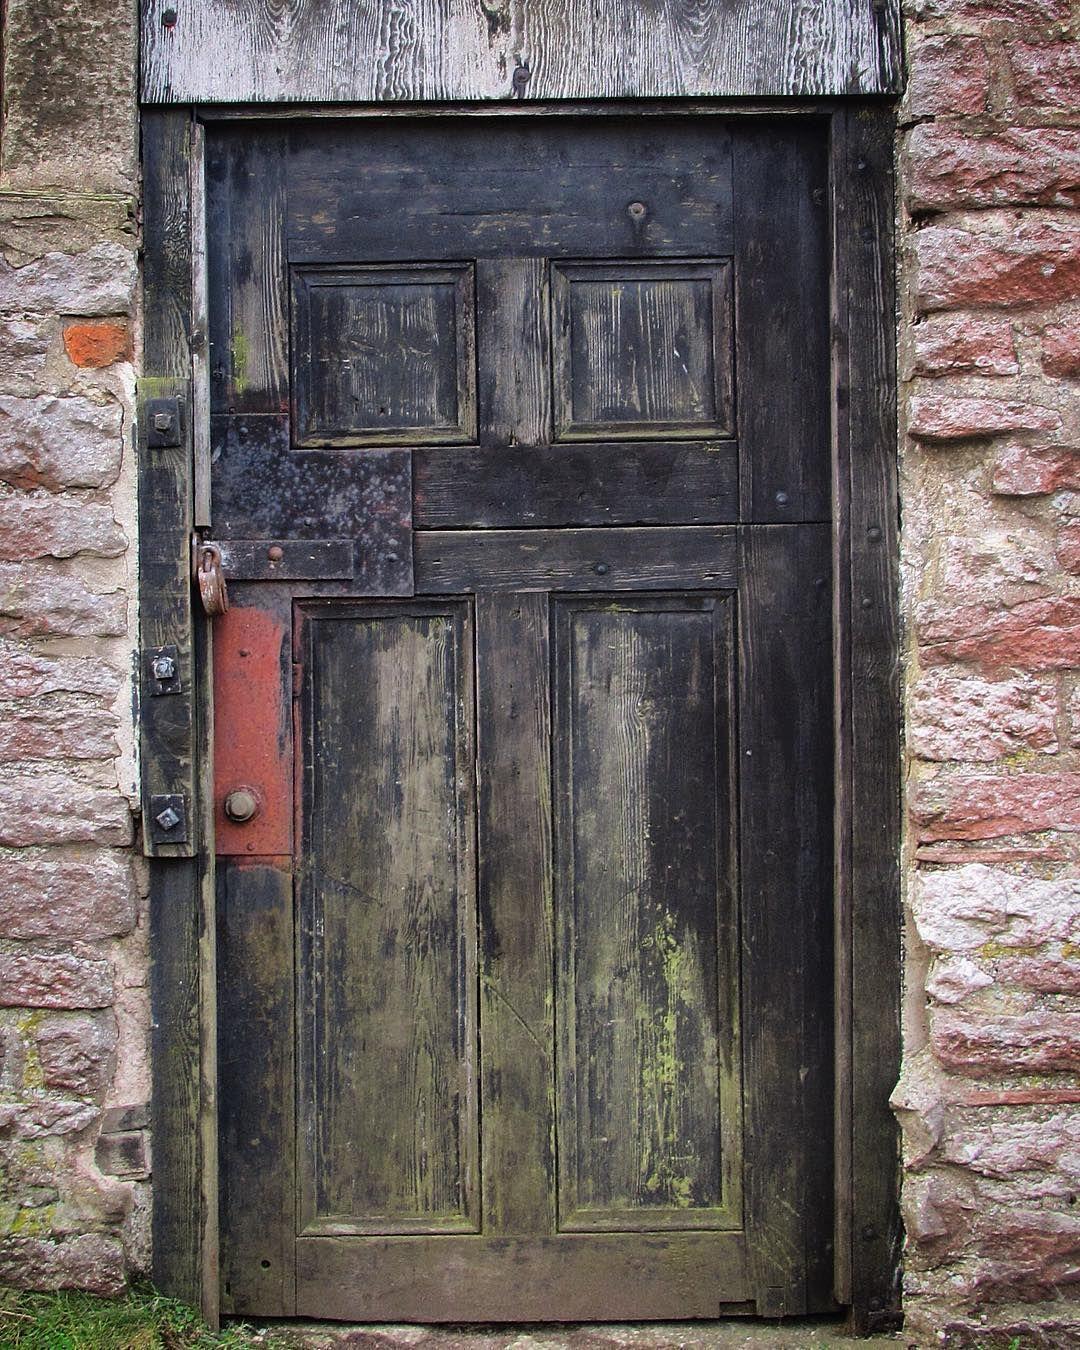 #old #door #rustic #antique #wearandtear  by jo_earle